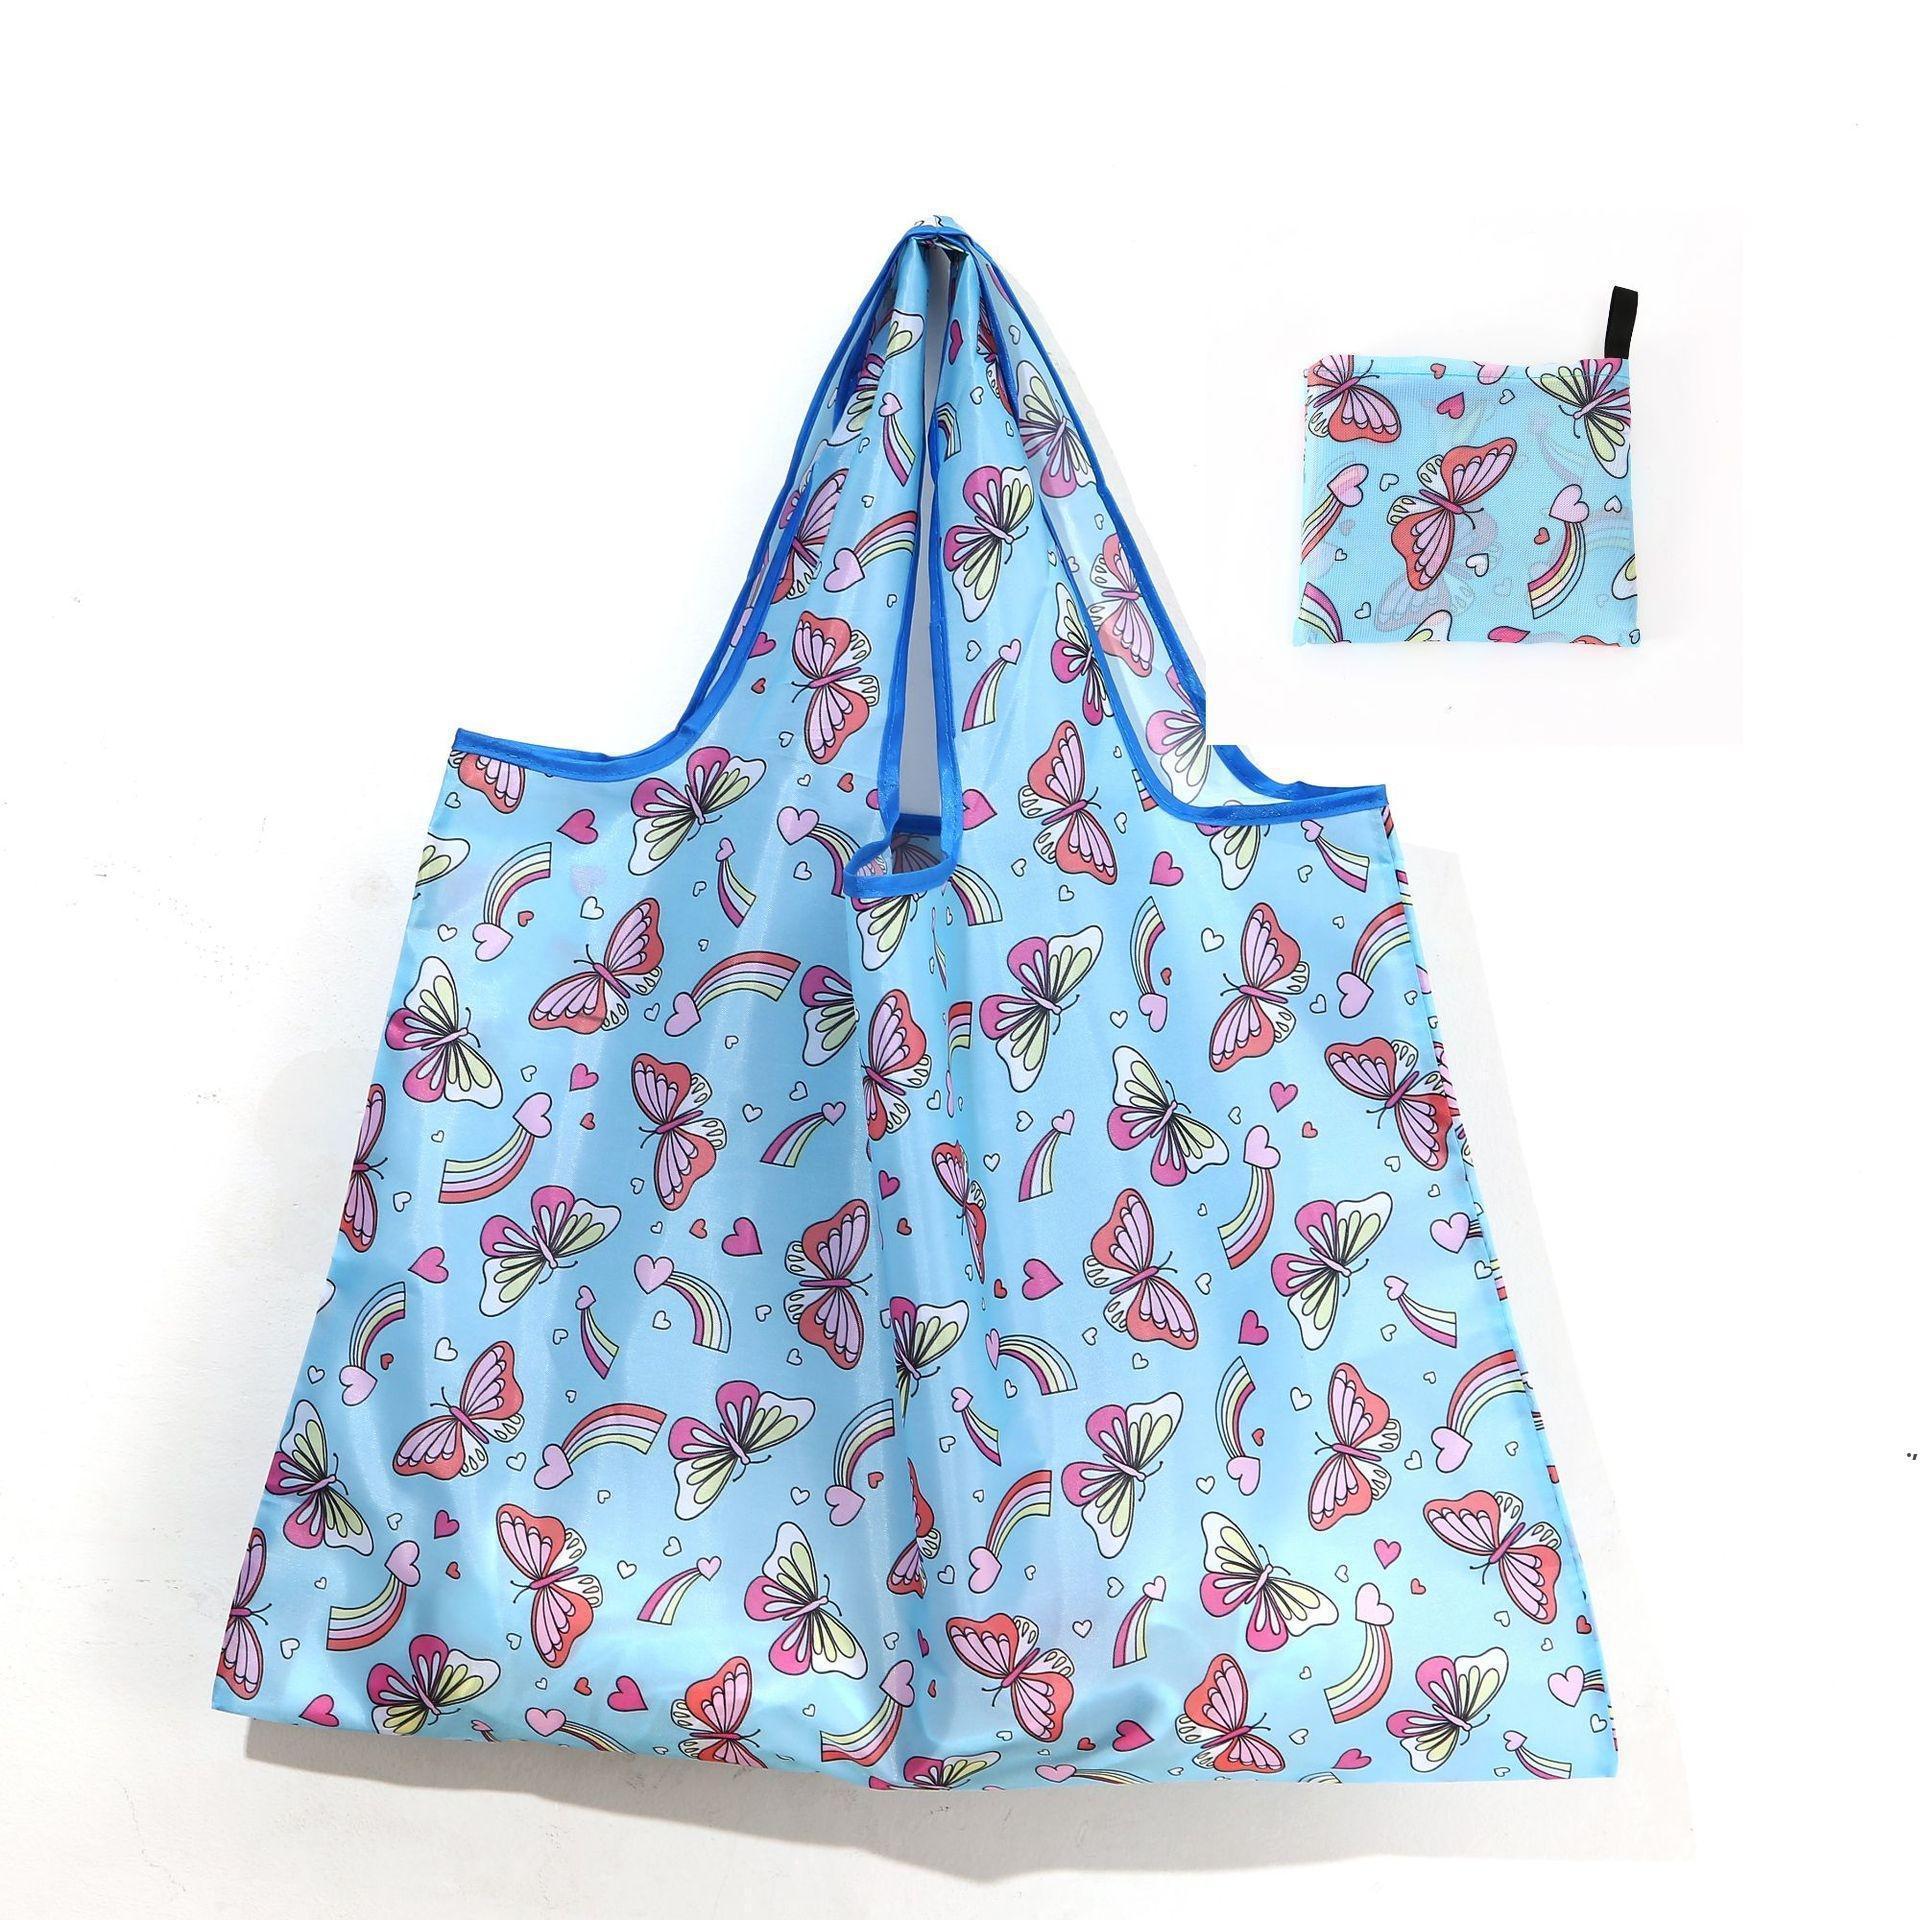 أكسفورد القماش أكياس التسوق قابلة لإعادة الاستخدام النساء طوي حمل حقيبة قابلة للطي قدرة كبيرة حقائب اليد المحمولة حقيبة بقالة البيئة حقيبة AHF5520